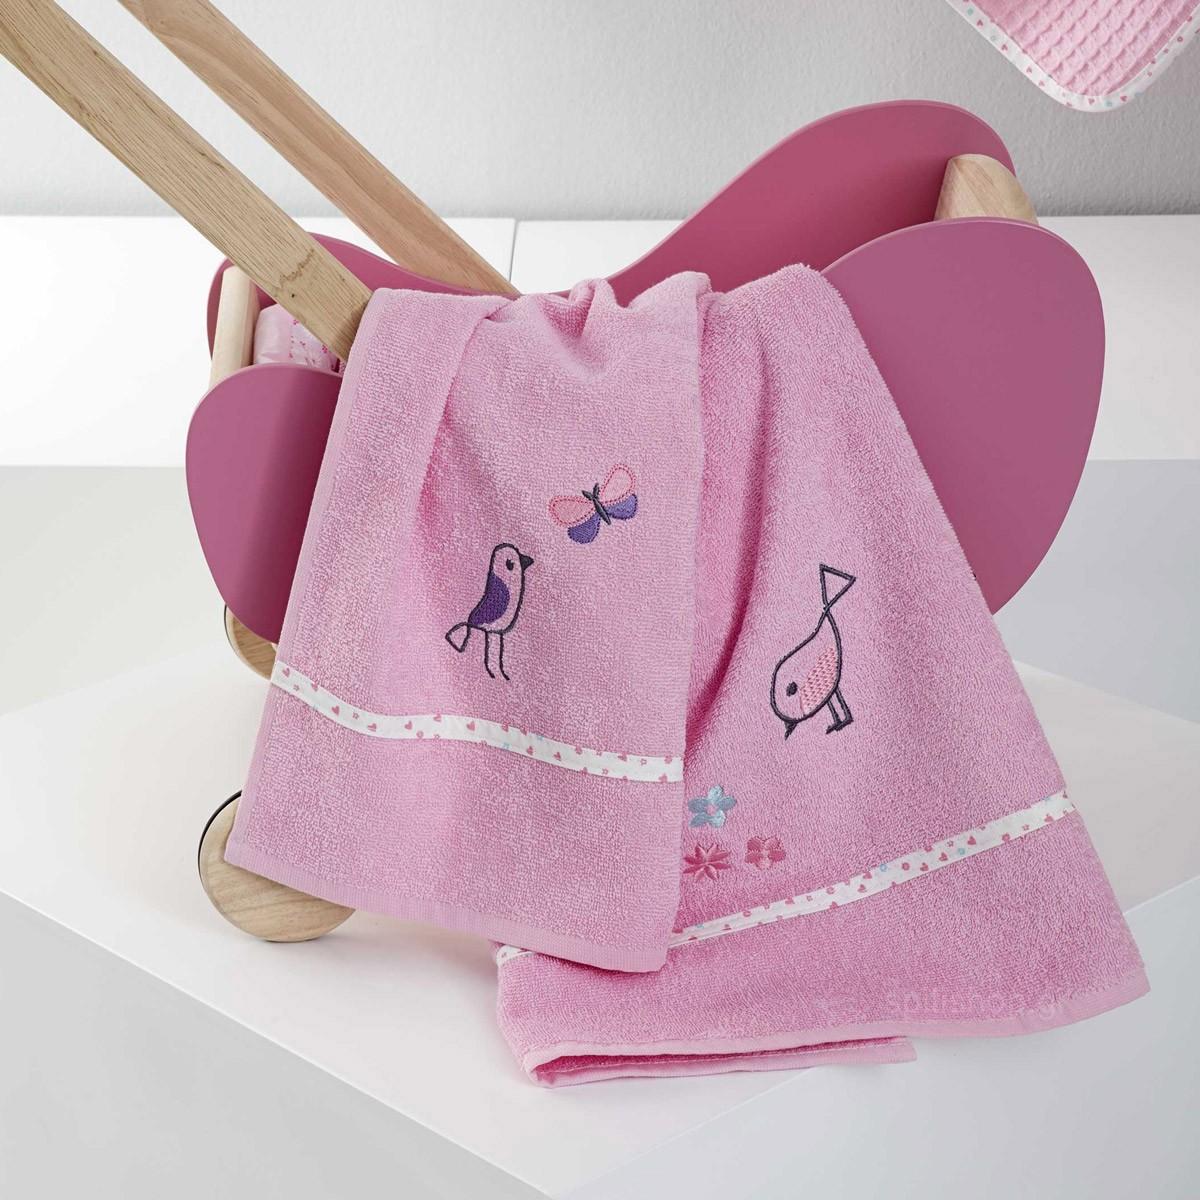 Βρεφικές Πετσέτες (Σετ 2τμχ) Nima Baby Tweet Tweet